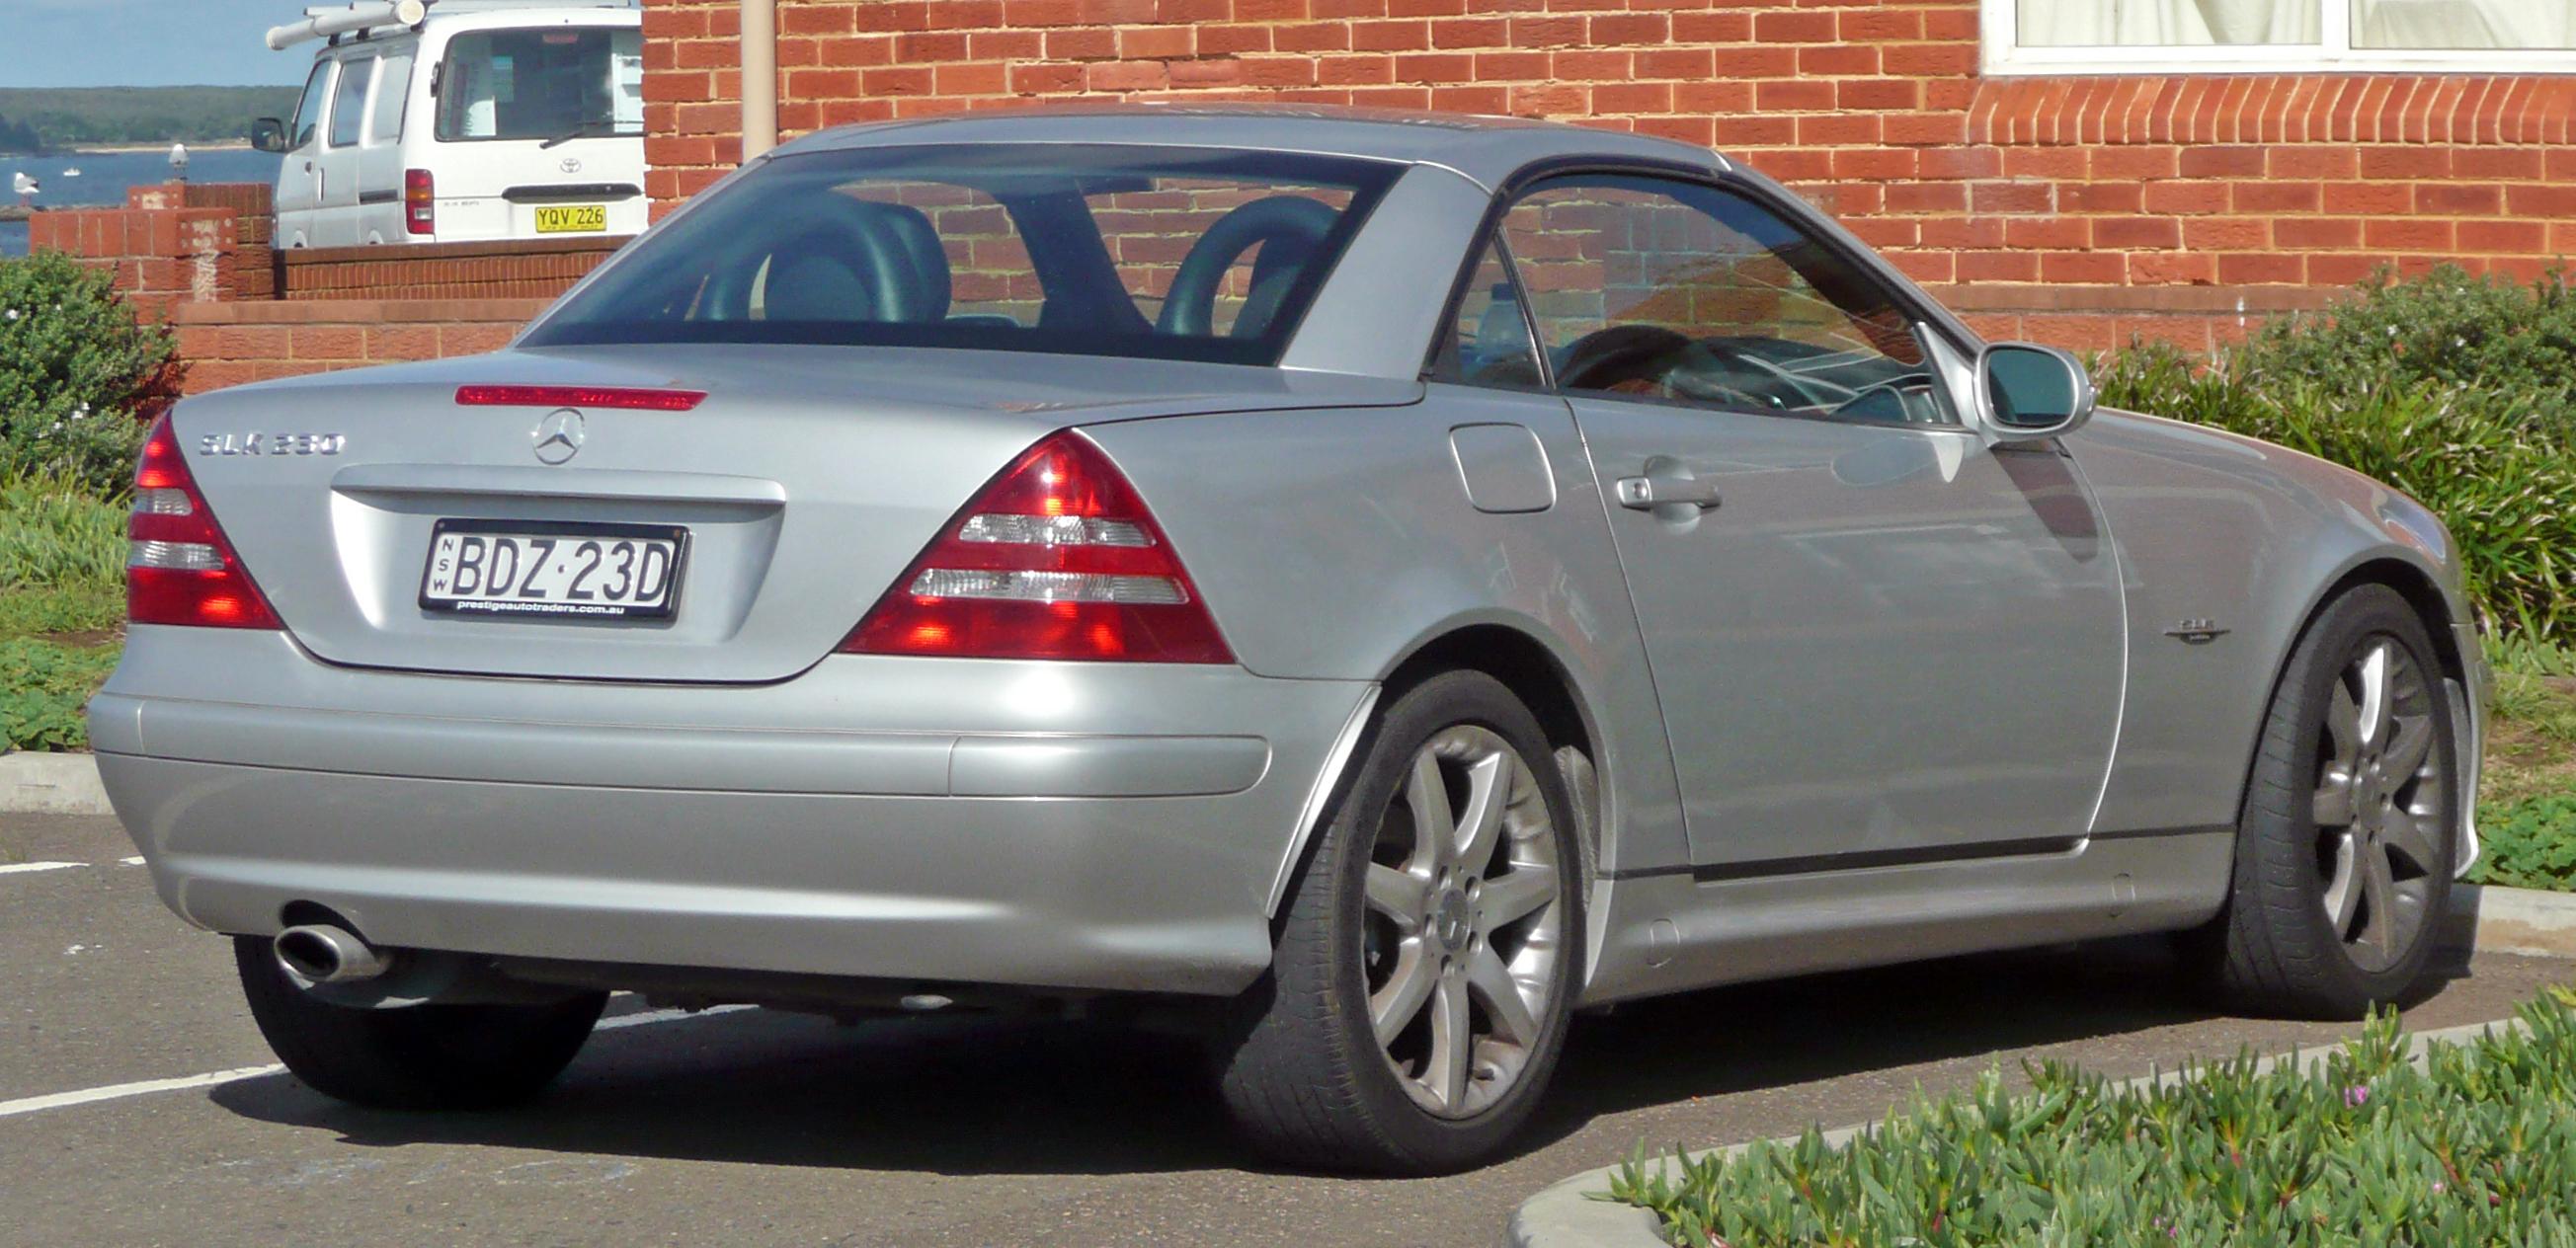 Mercedes-Benz SLK-klasse I (R170) 1996 - 2000 Roadster #7